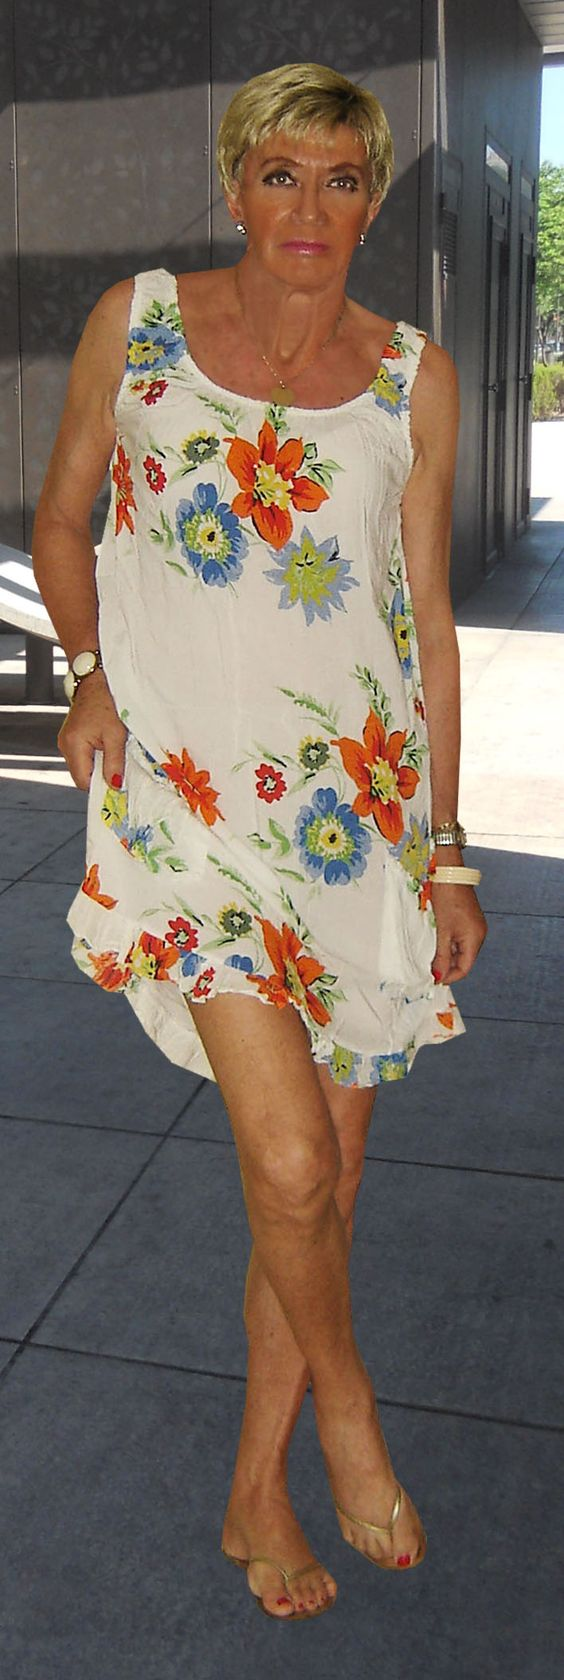 flowered summer dress, golden flip flops